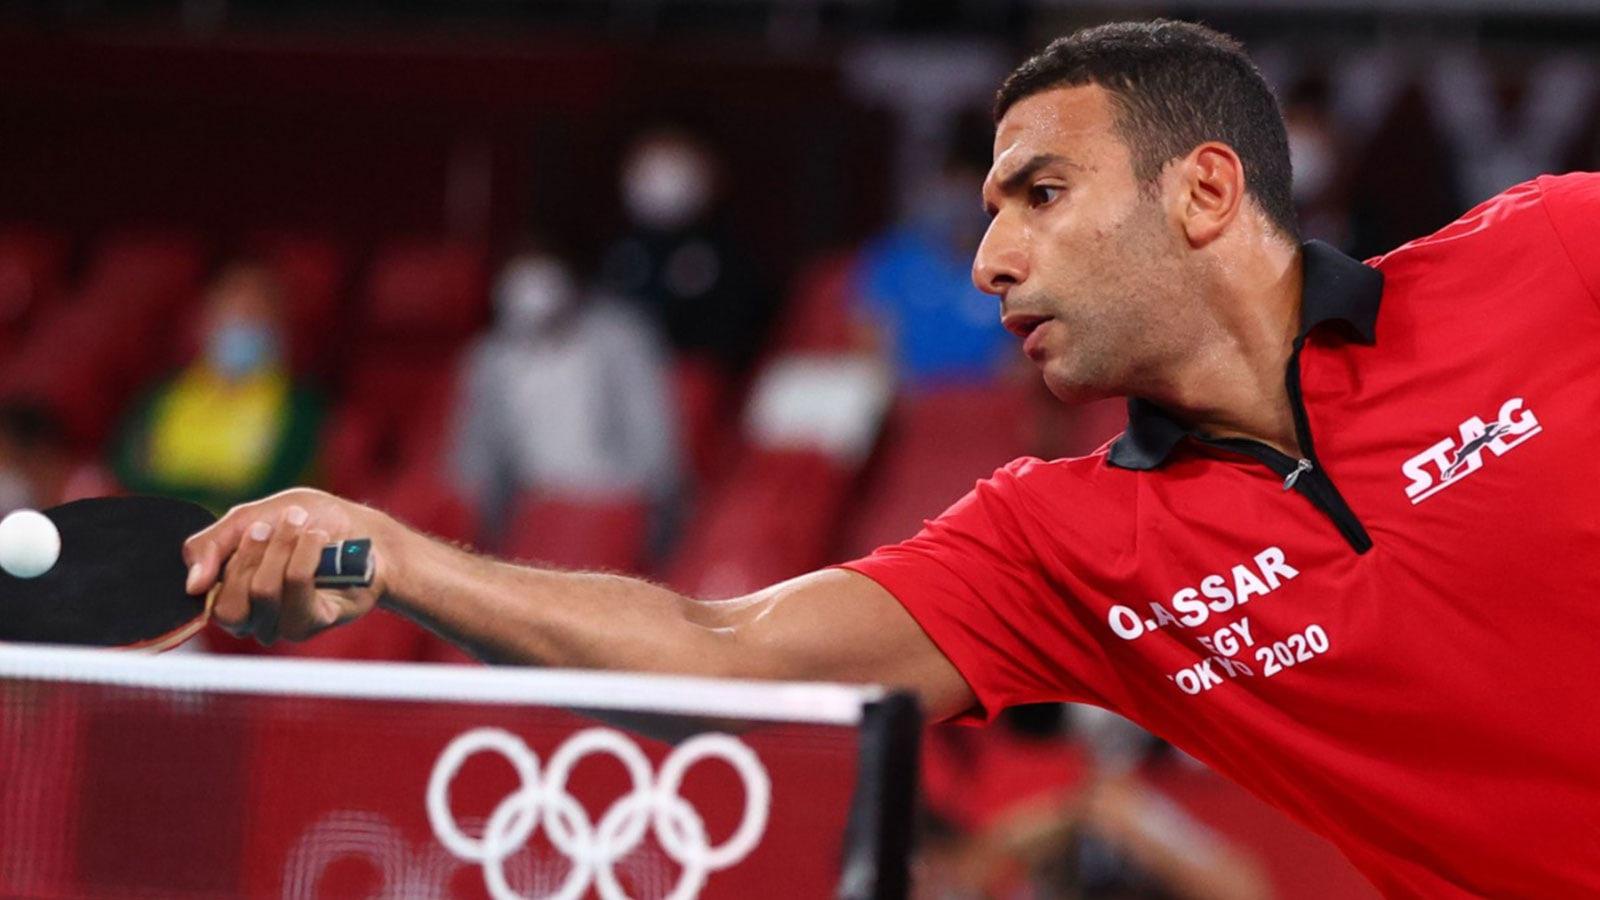 لاعب مصري يحقق إنجازاً تاريخياً في أولمبياد طوكيو